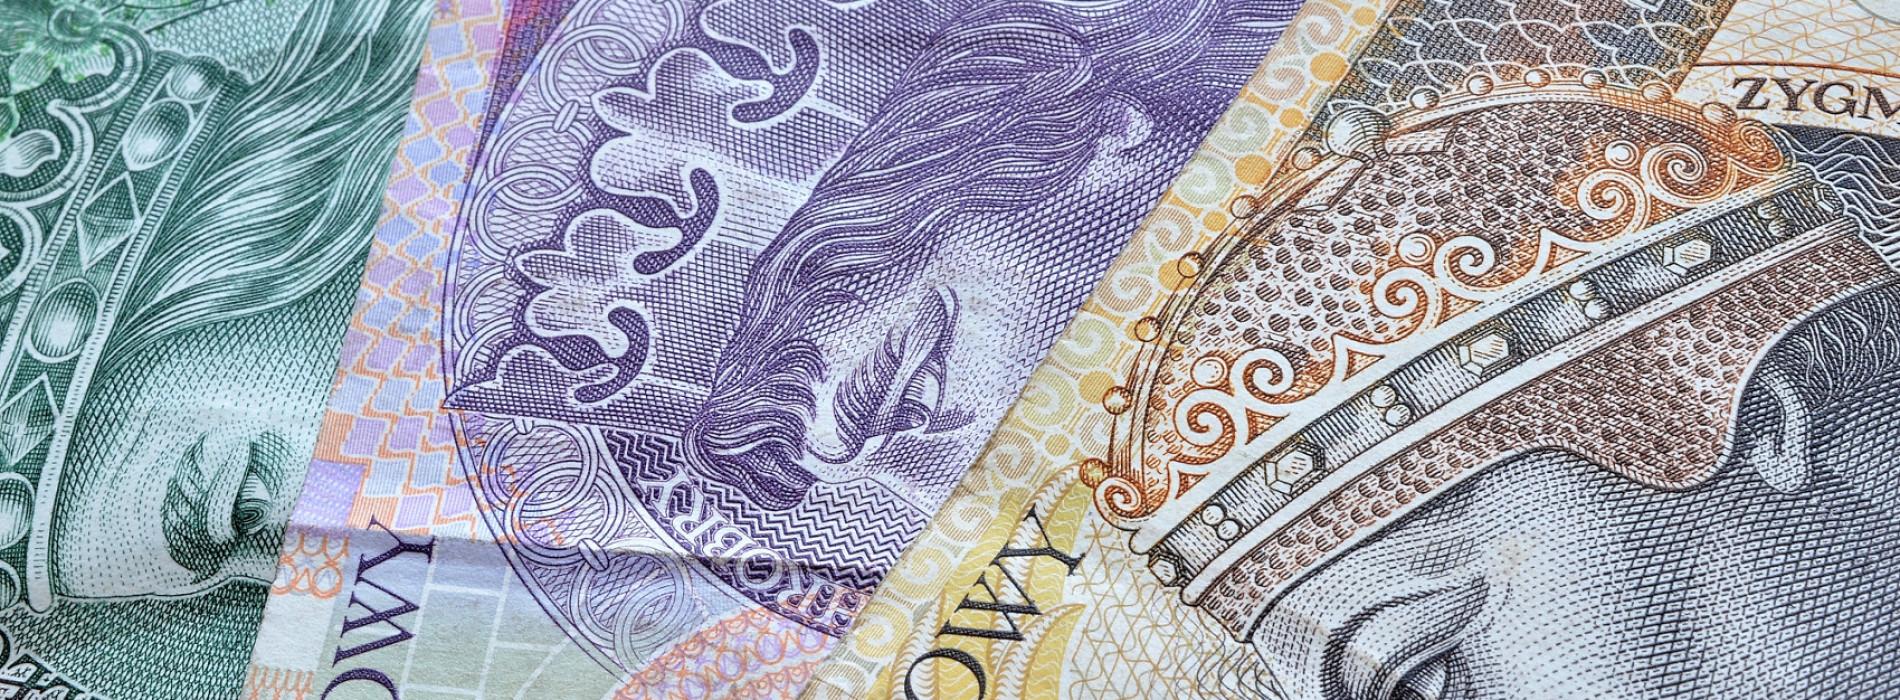 Czy przedsiębiorcy zarabiają dużo?